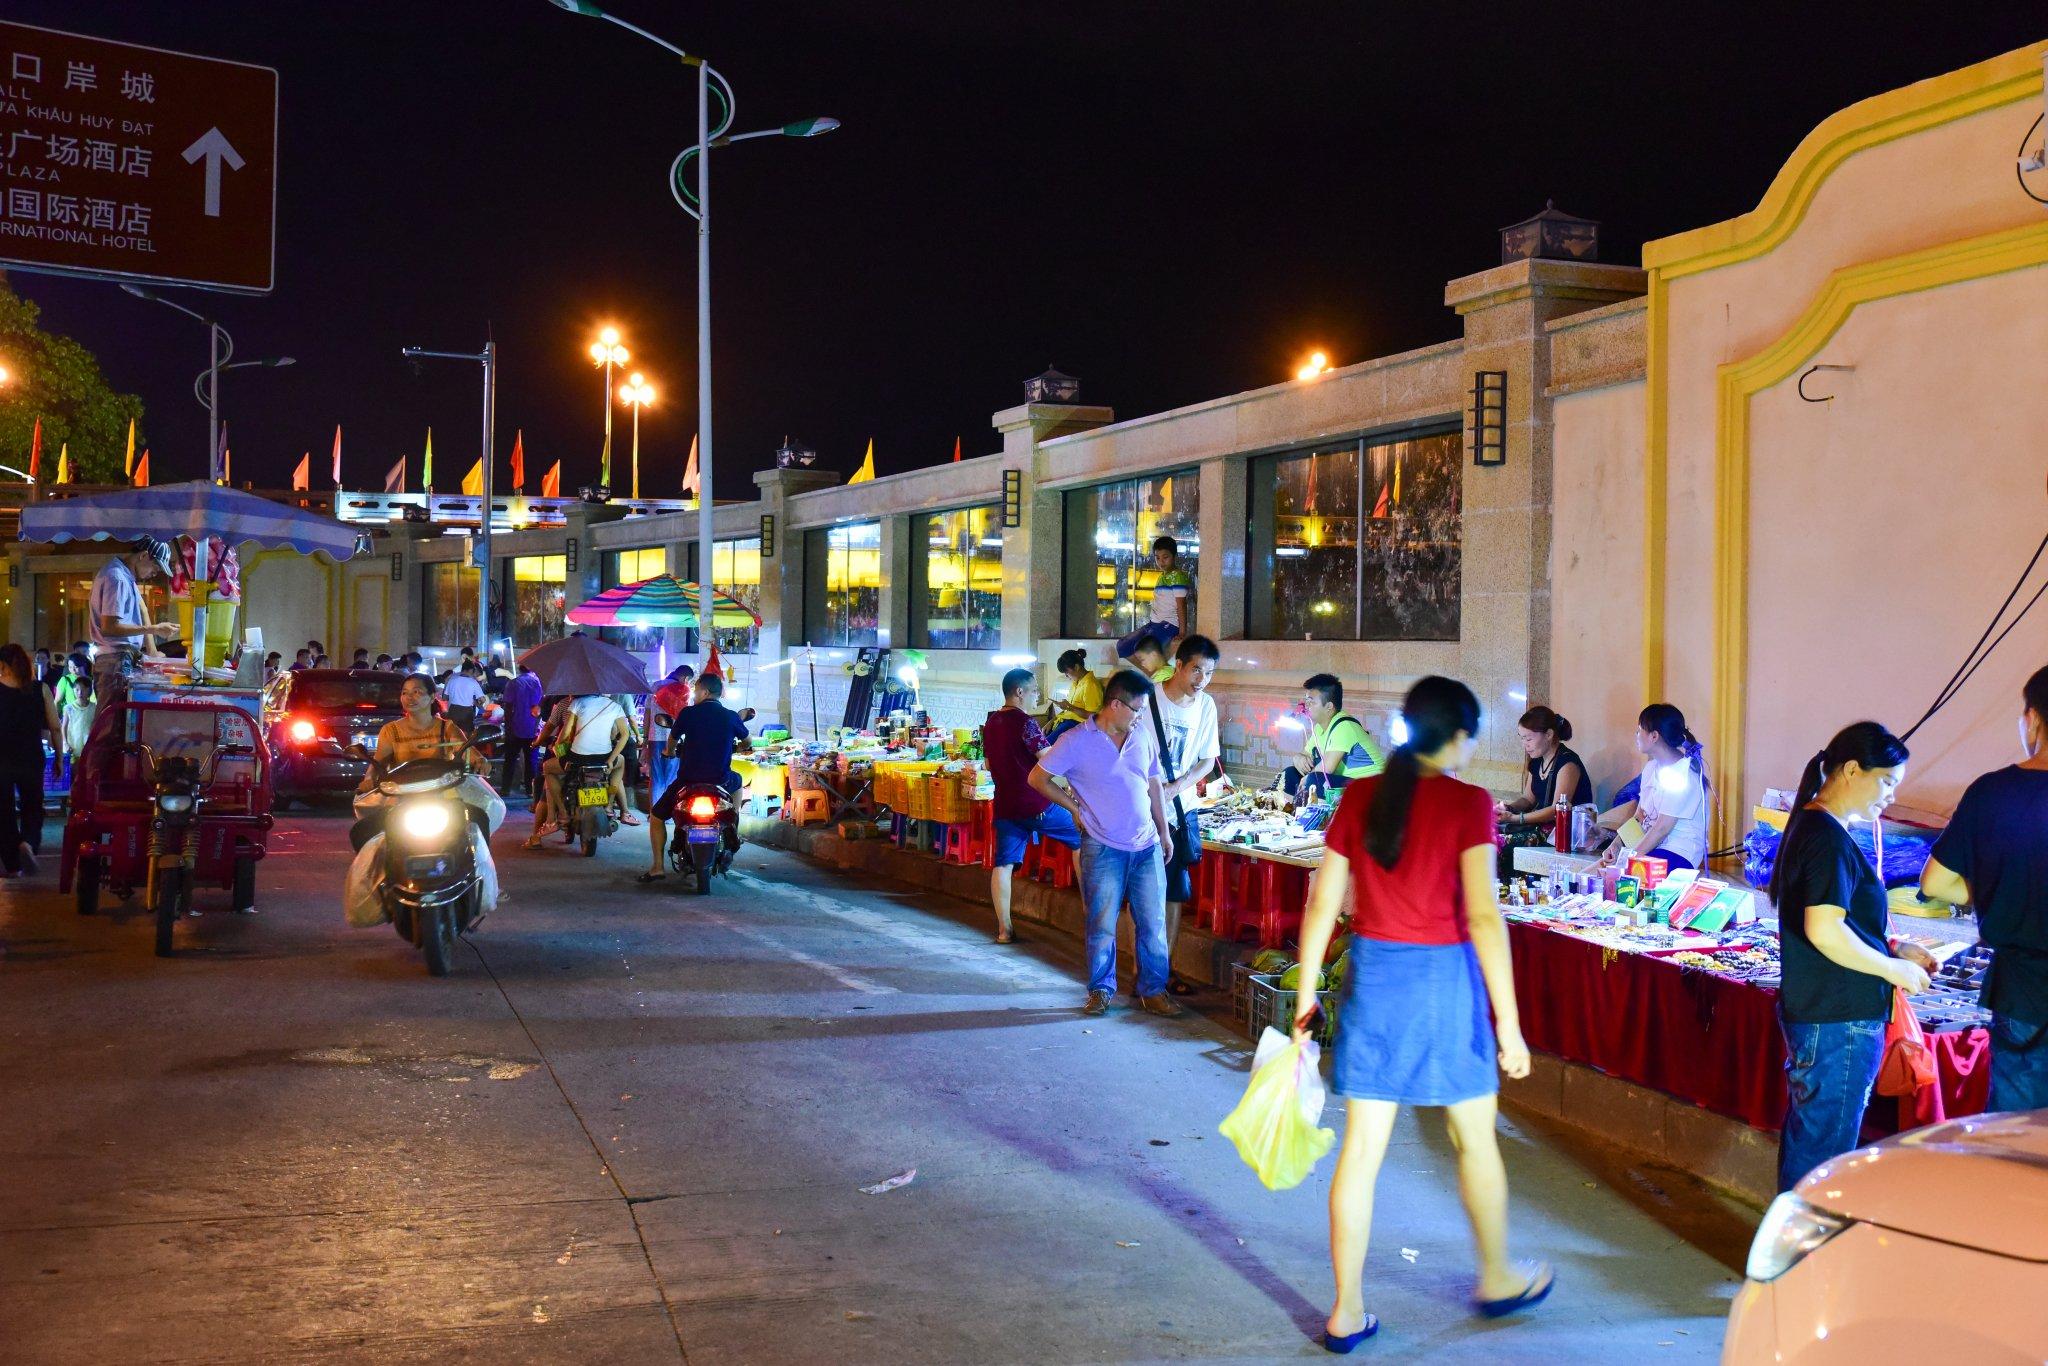 2018明翠炒螺店美食餐厅,一家这是极具越南特市海椒v一家美食成都图片